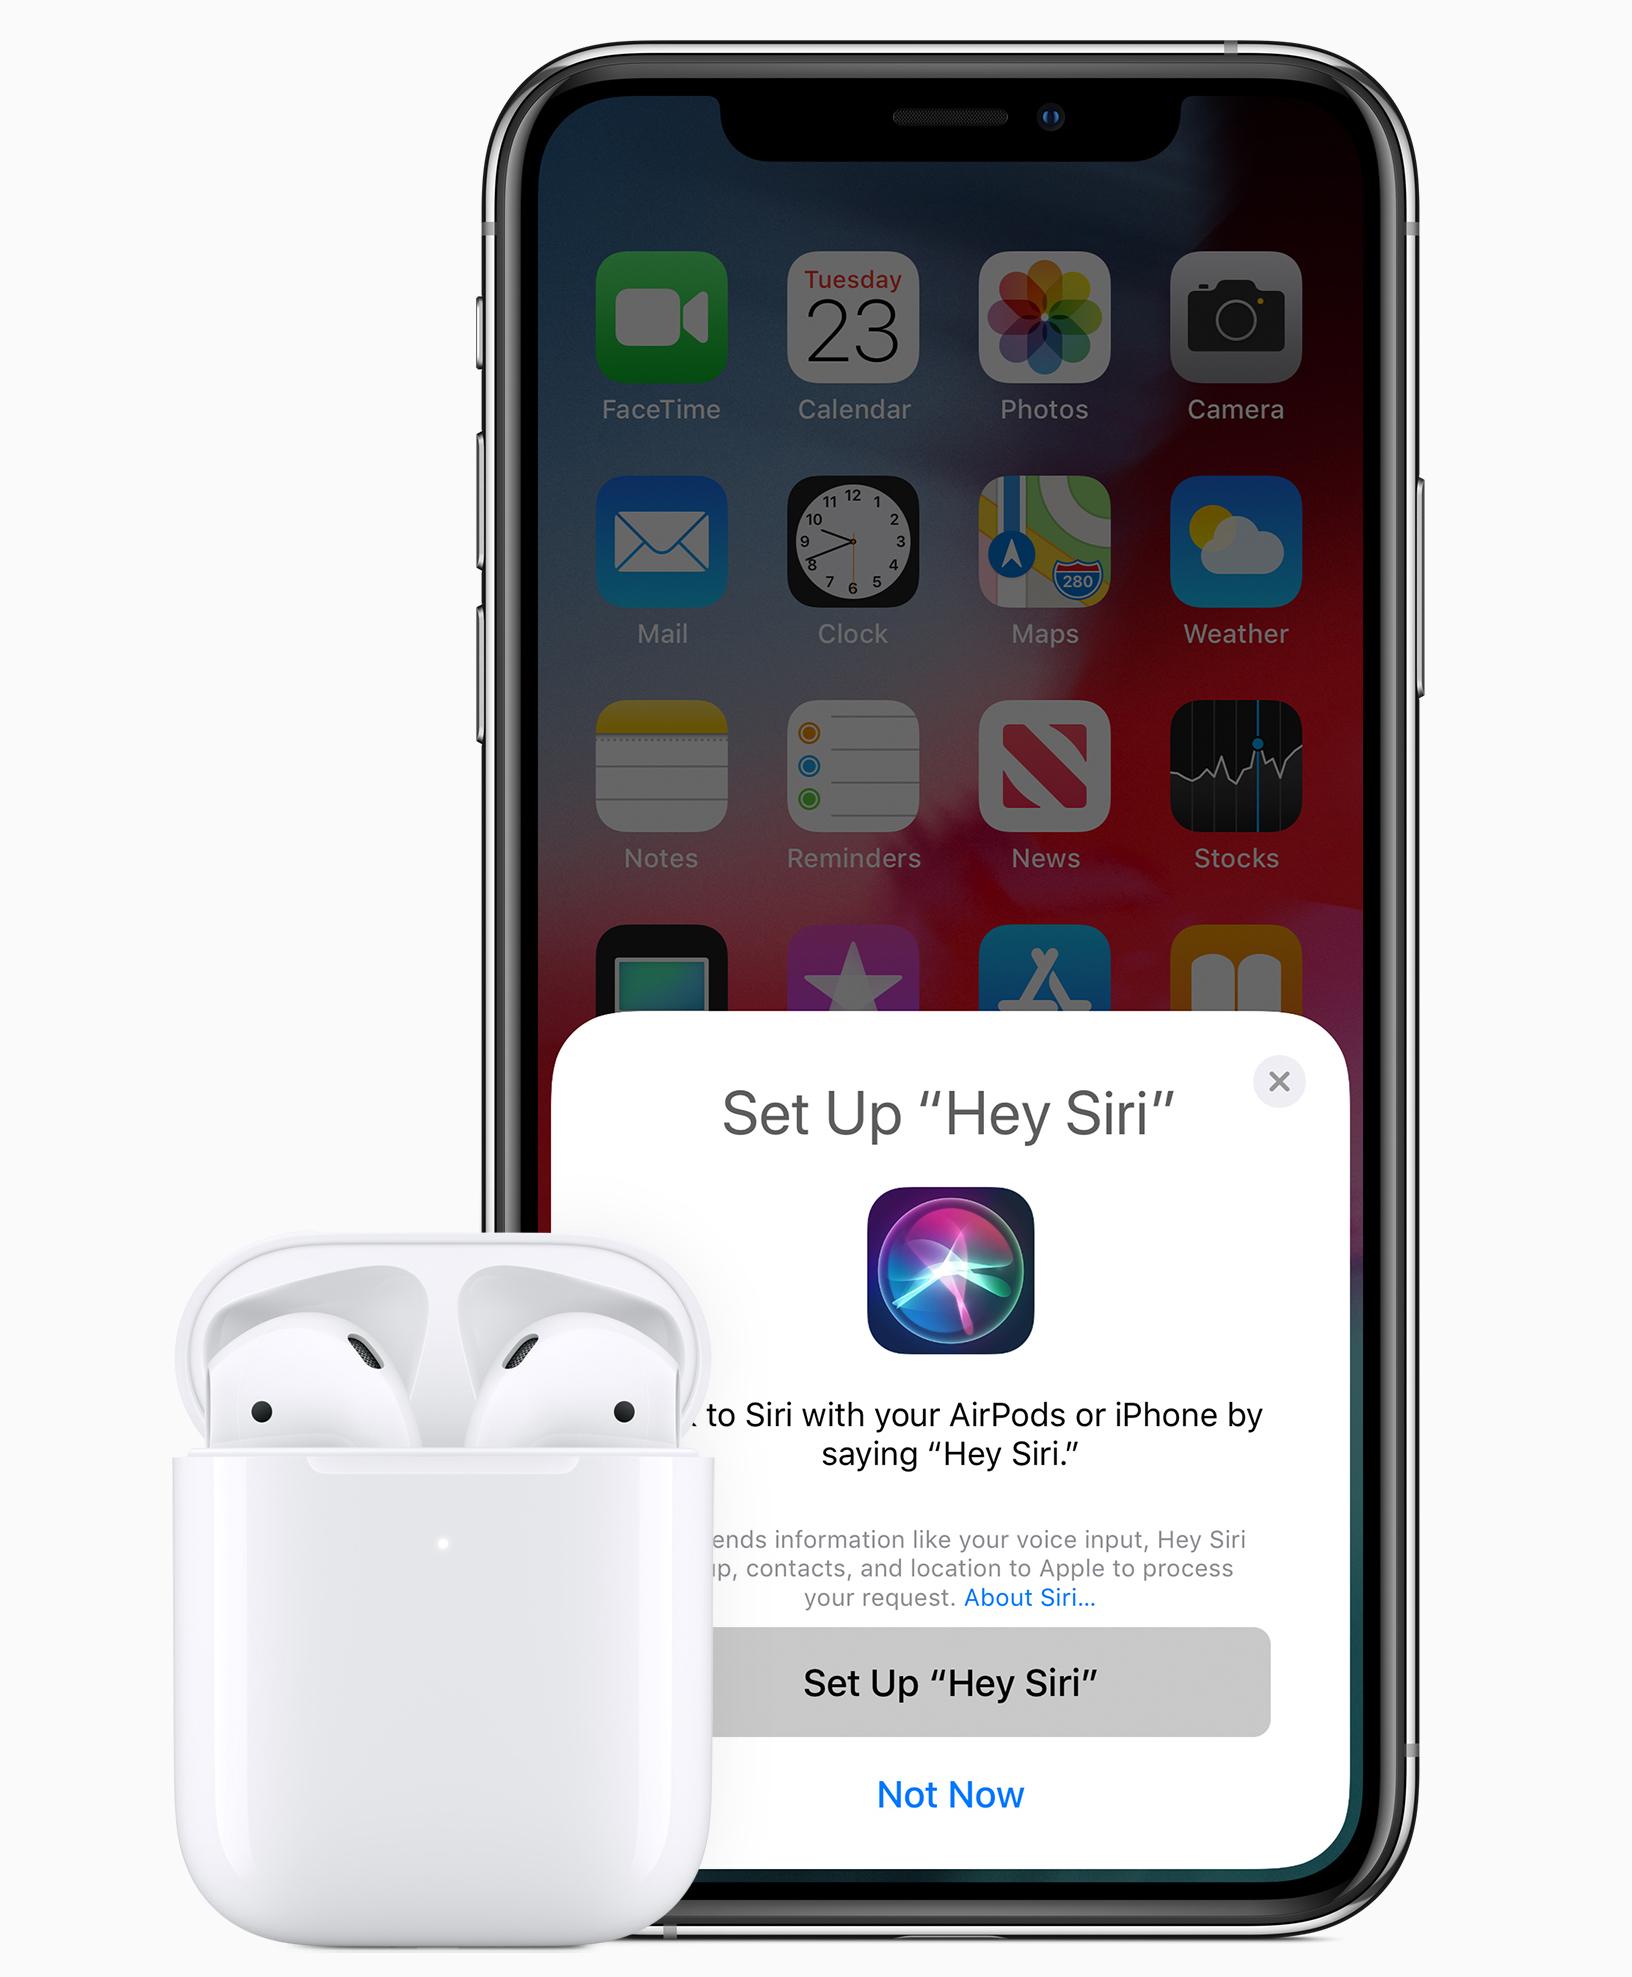 AirPods-Hey-Siri.jpg